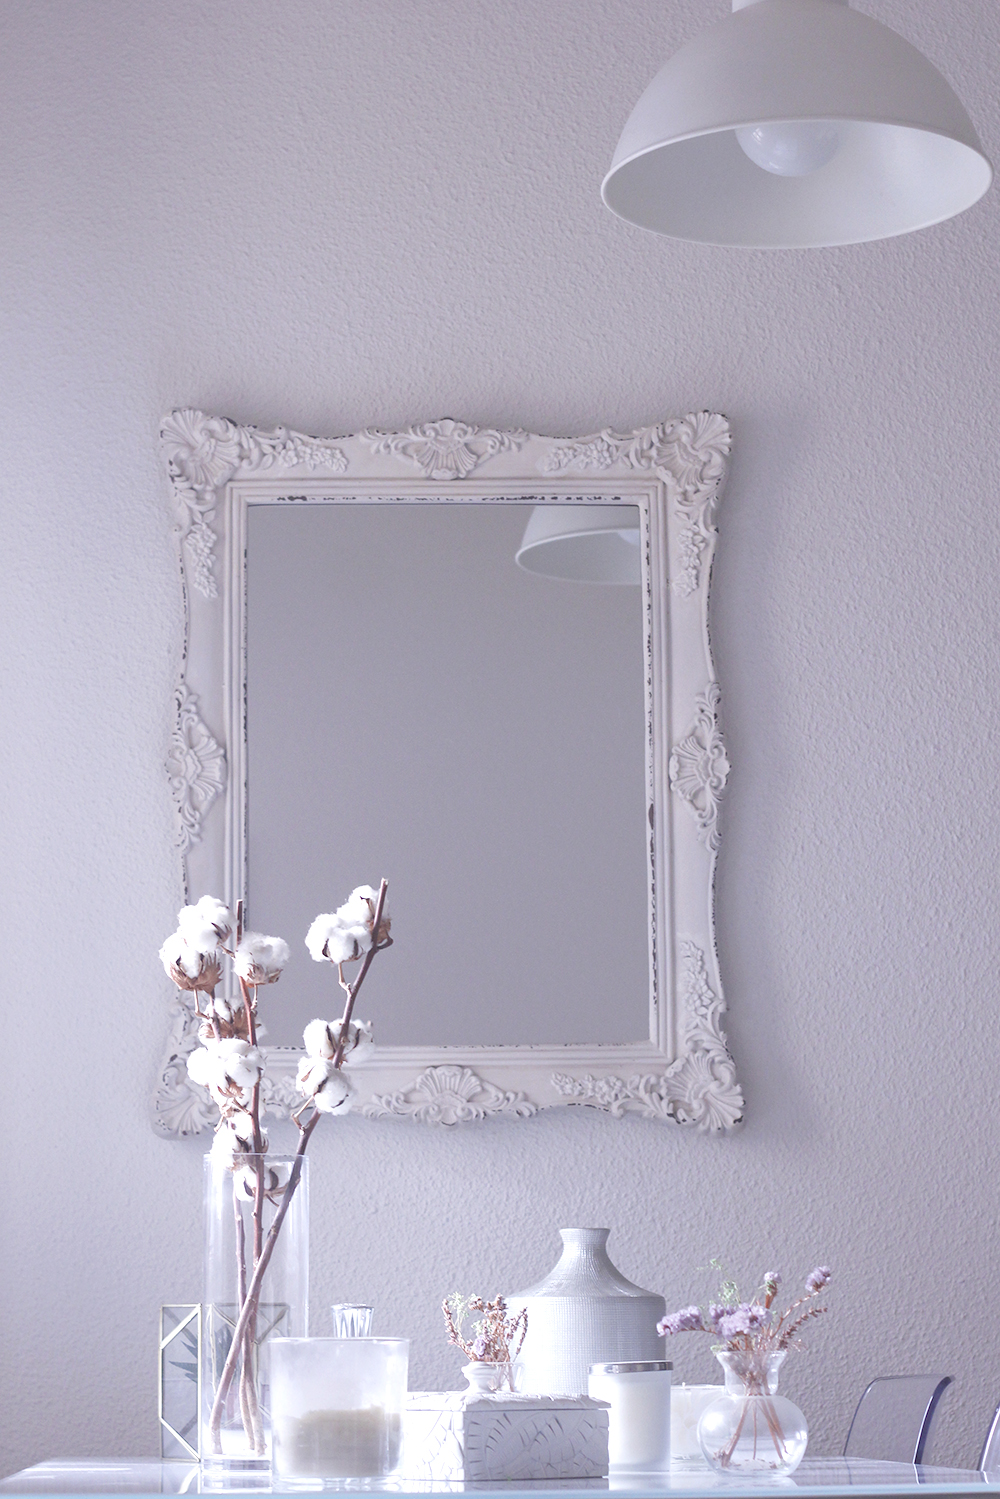 linving room decoration sklum inspiration homedecor 01